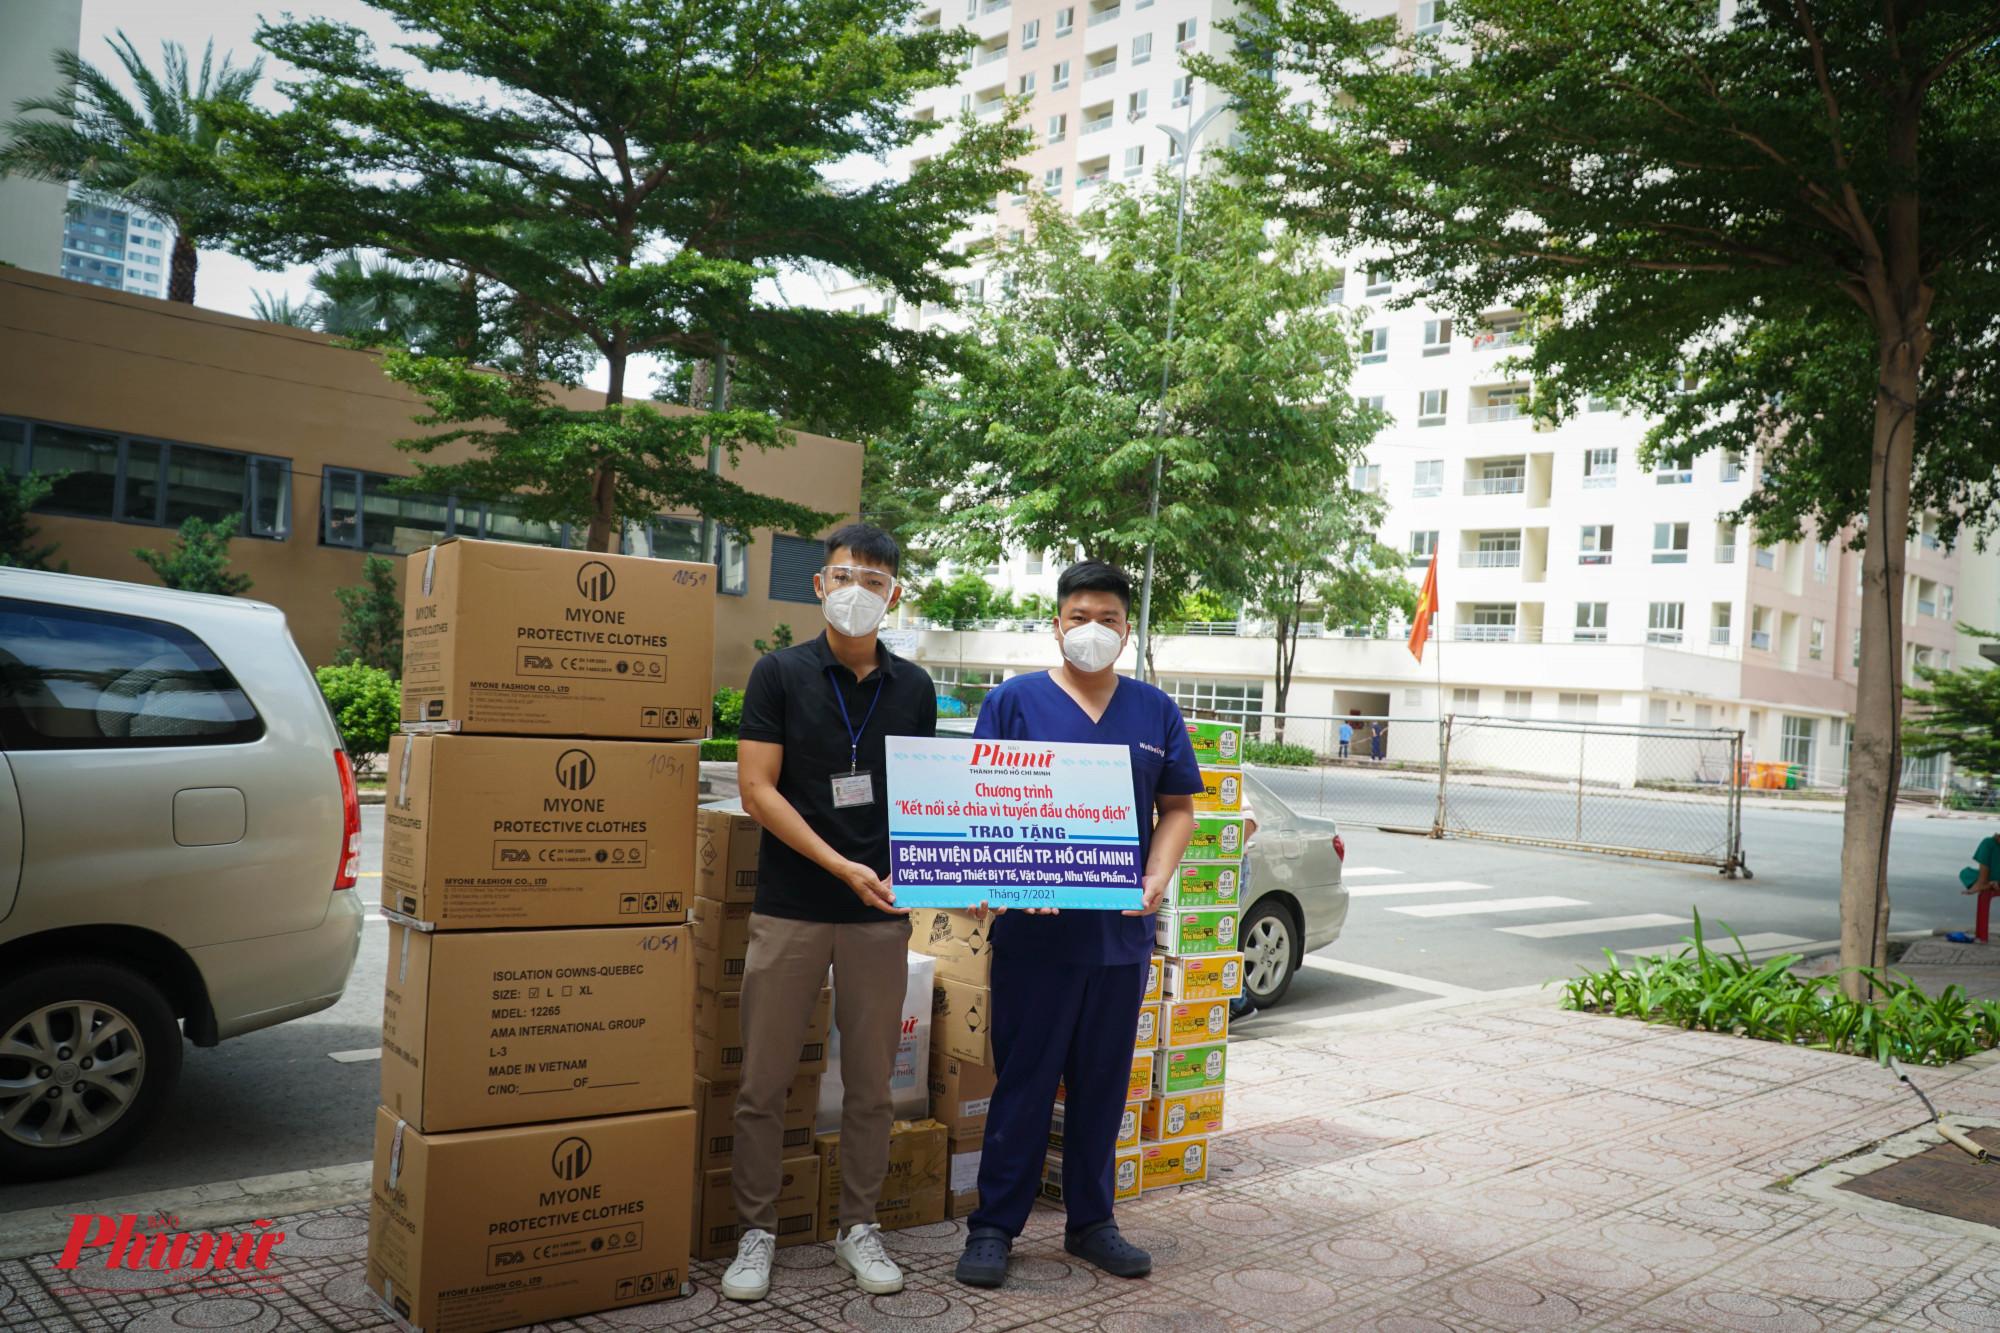 Báo Phụ Nữ TPHCM gửi tặng bệnh viện dã chiến Thu Dung  10 máy đo nôgng độ Oxy máu (SP02), 200 khẩu trang N95, 200 bộ PPE quần áo chống dịch và nhiều nhu yếu phẩm khác